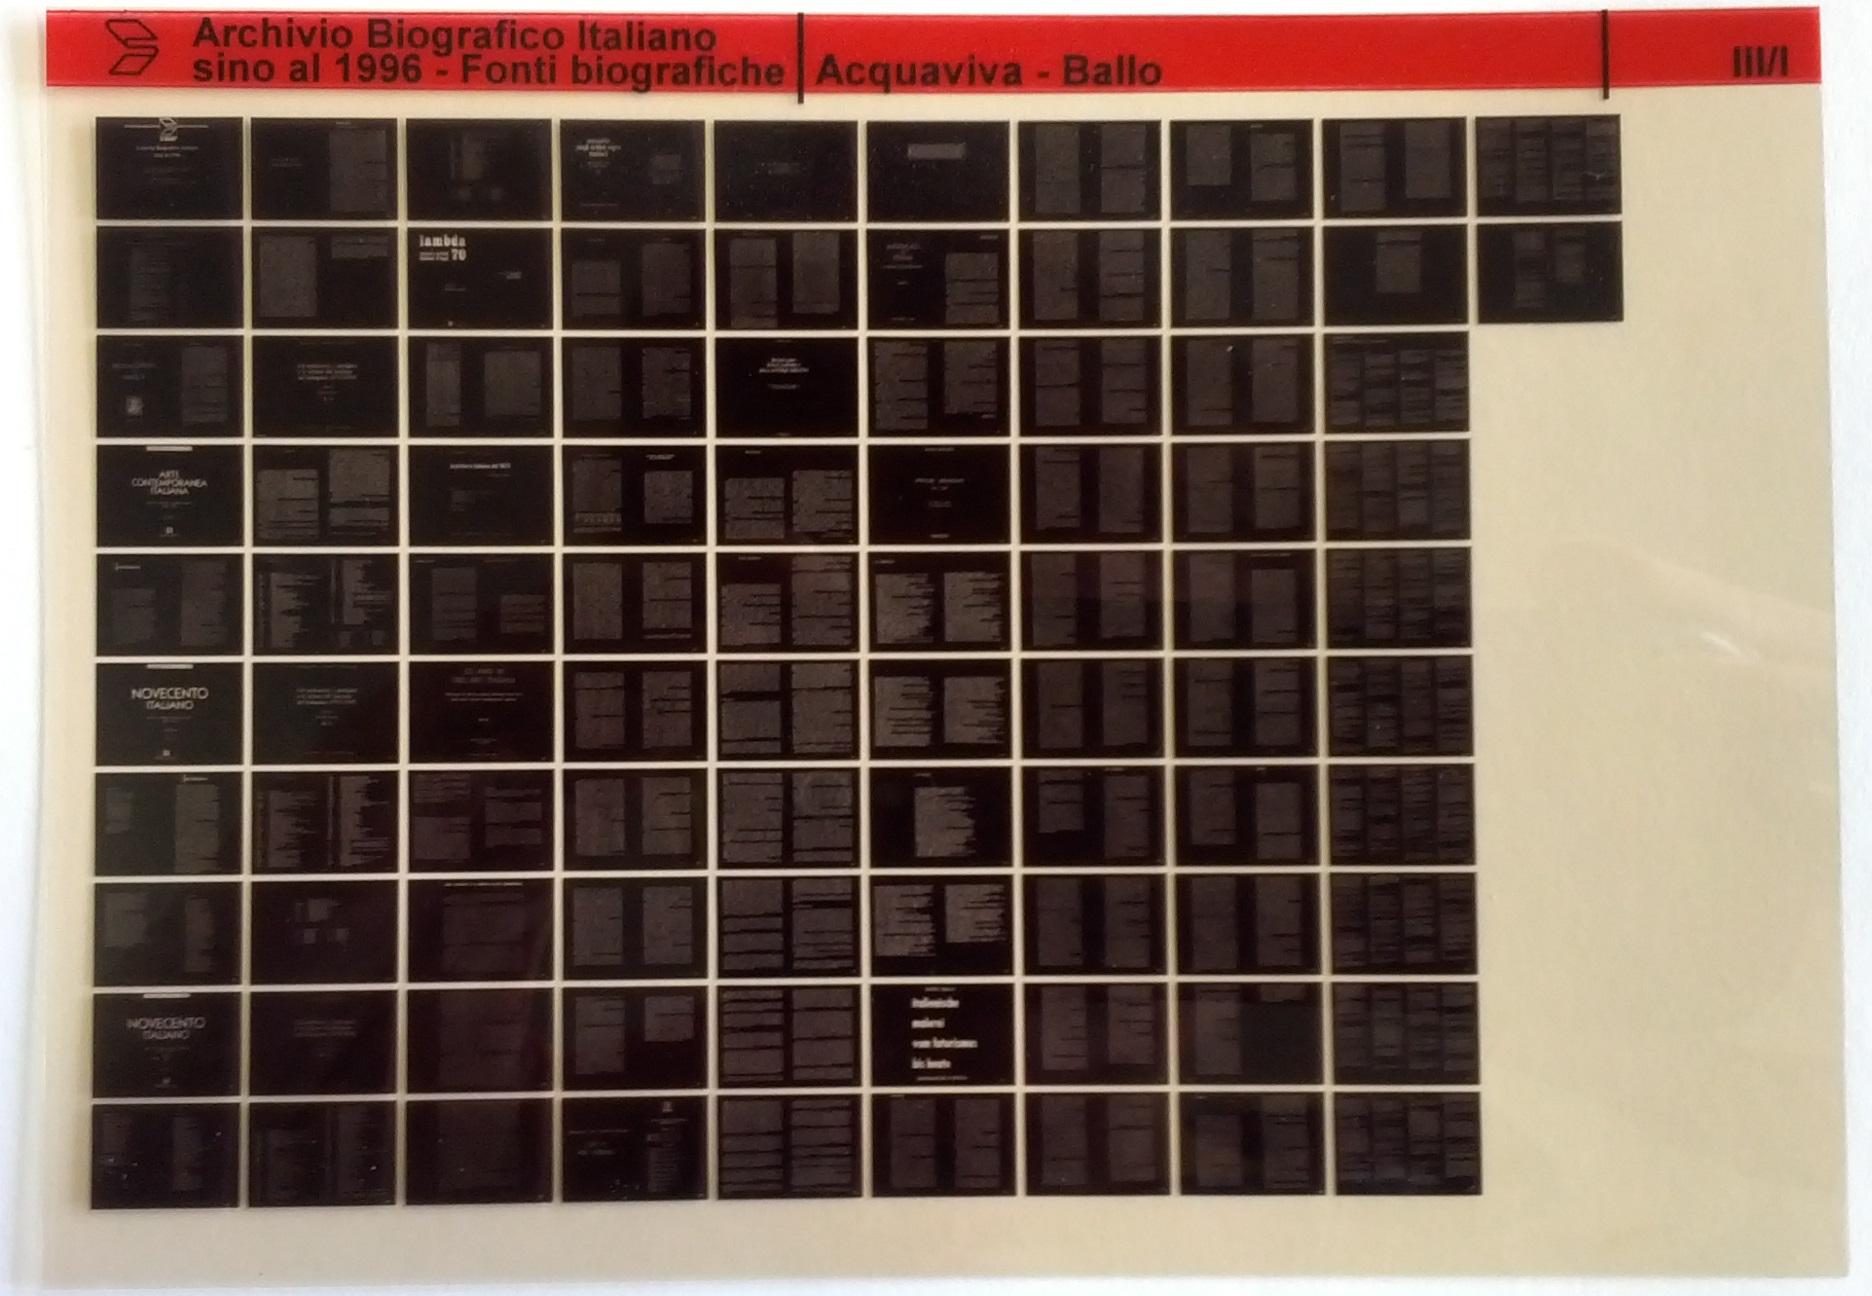 mikrofiche dissertation format